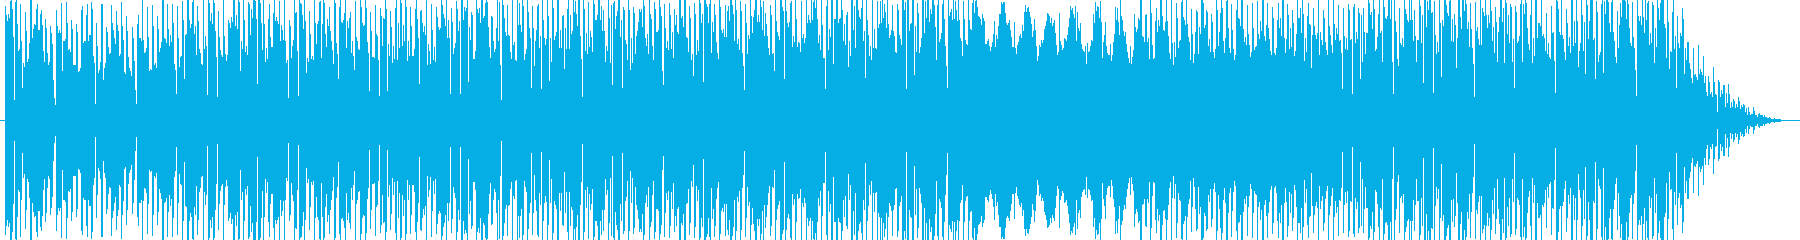 ポジティブで力強いイメージのエレクトロ…の再生済みの波形